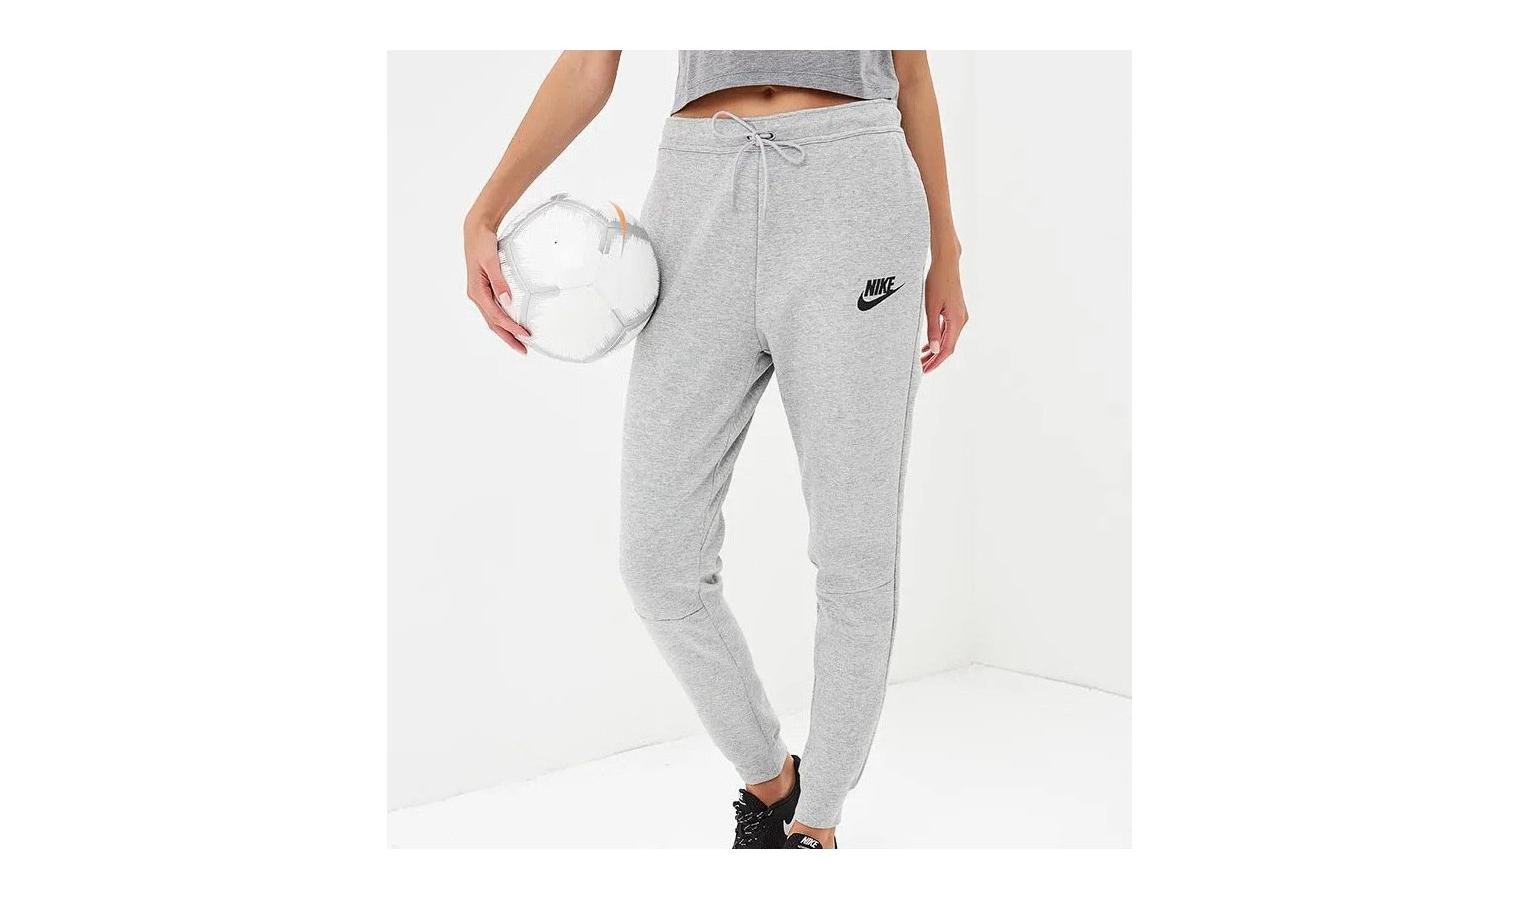 Dámské tepláky Nike NSW AV15 PANT W šedé | AD Sport.cz